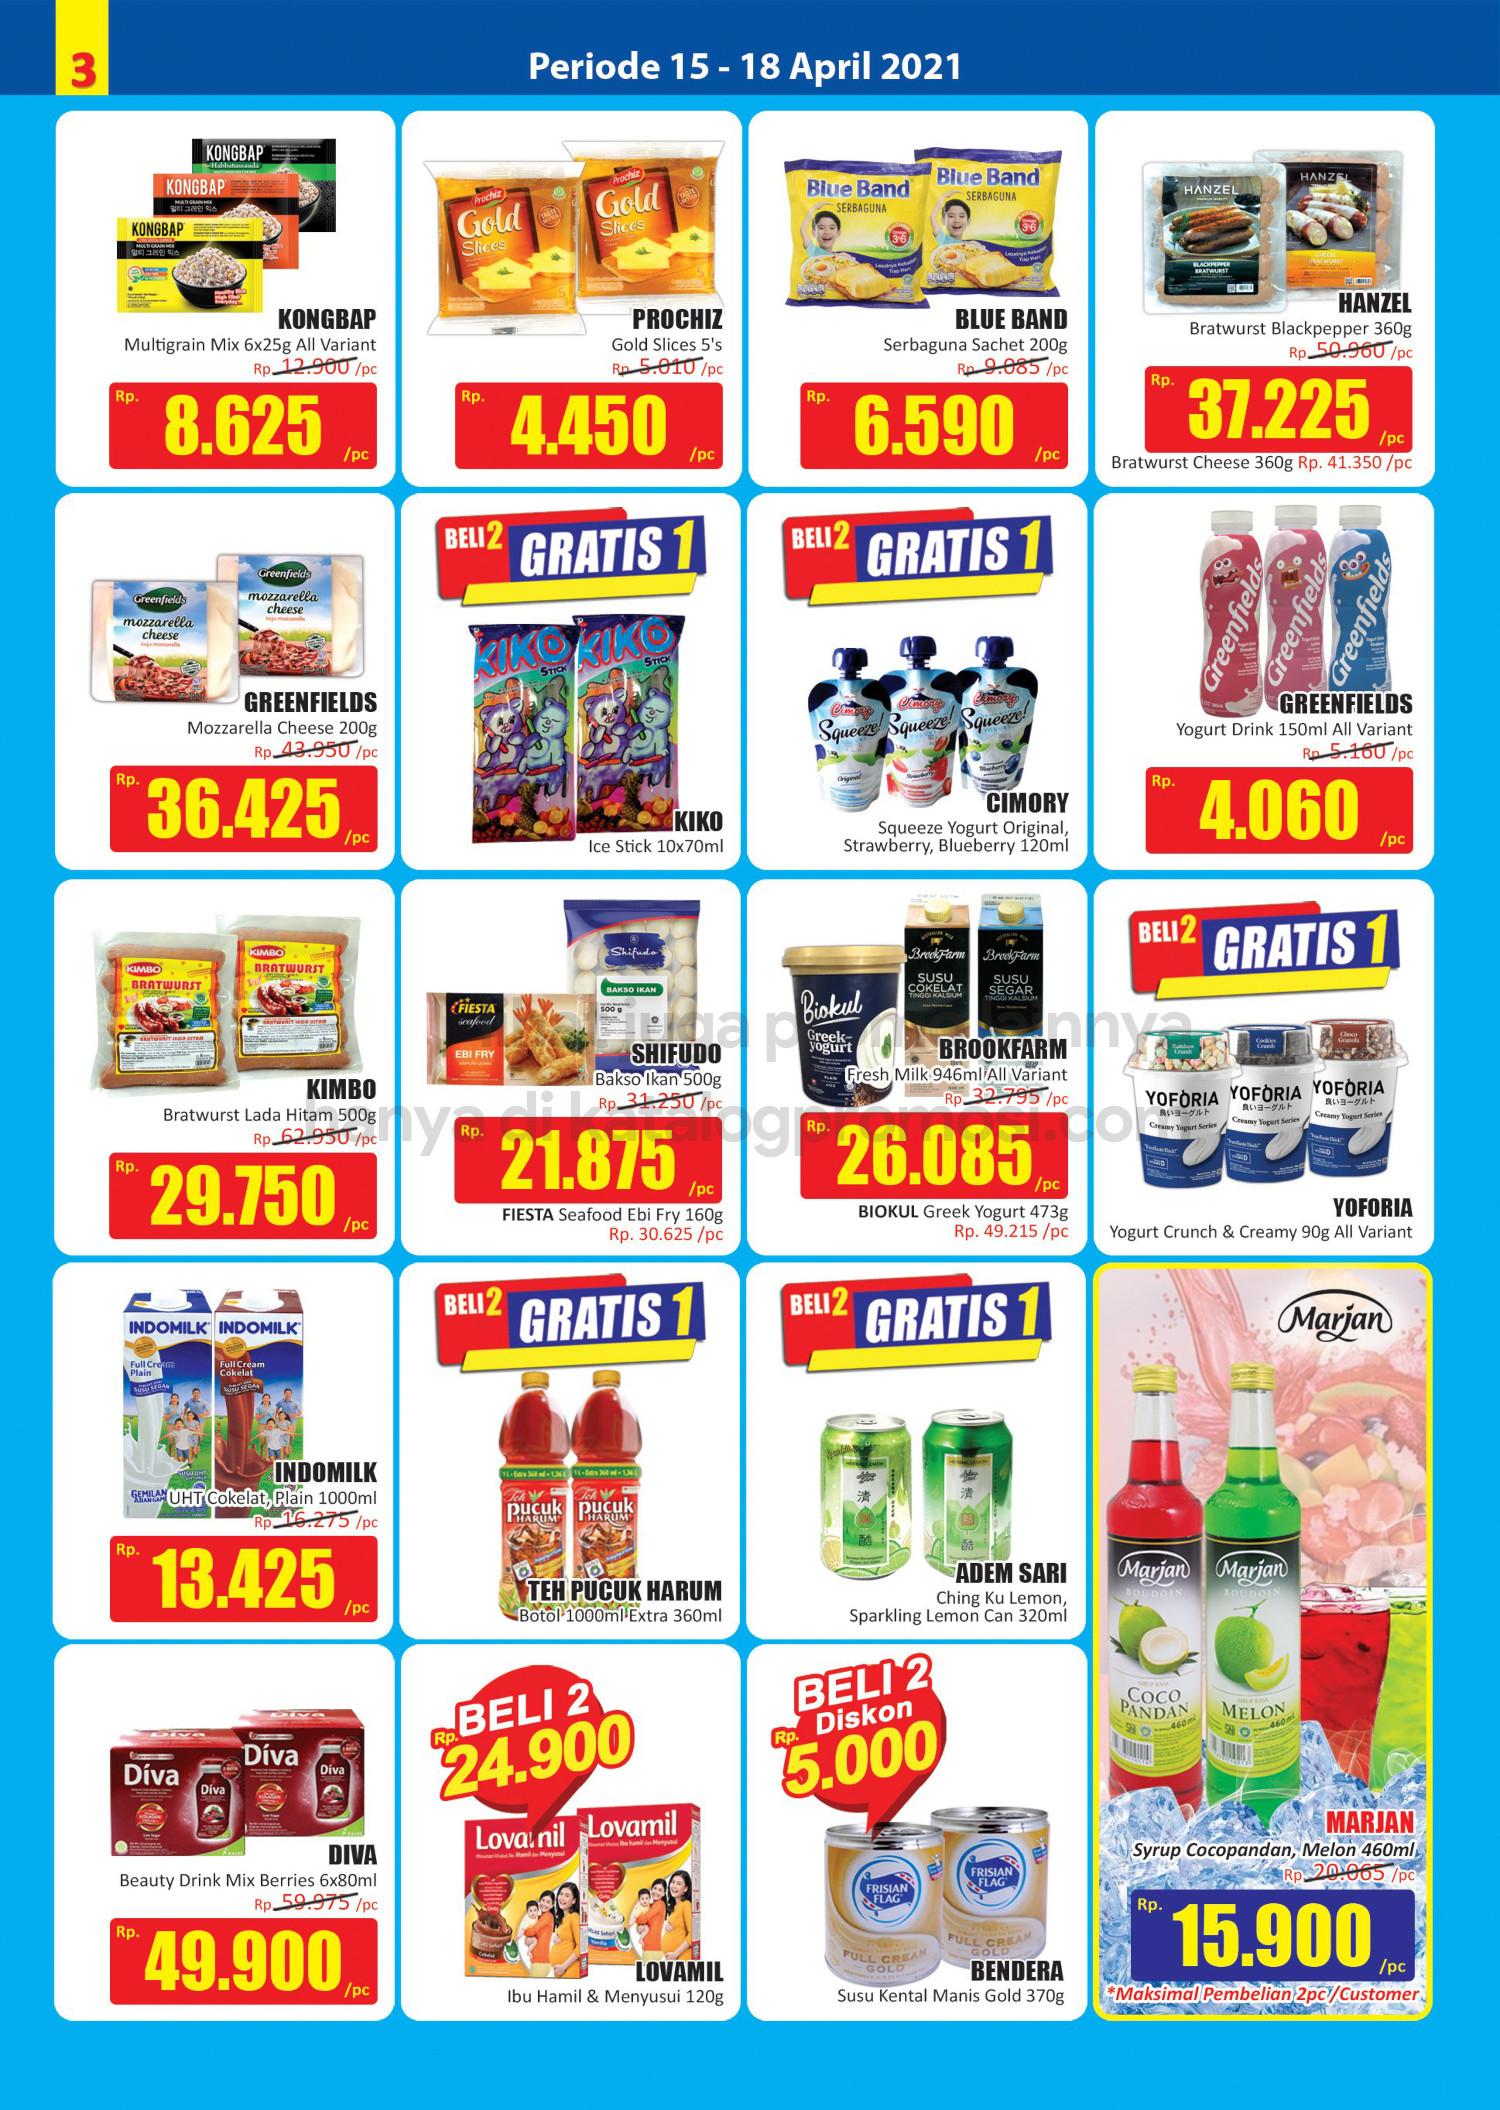 Promo Hari Hari Pasar Swalayan Weekend JSM Periode 15-18 April 2021